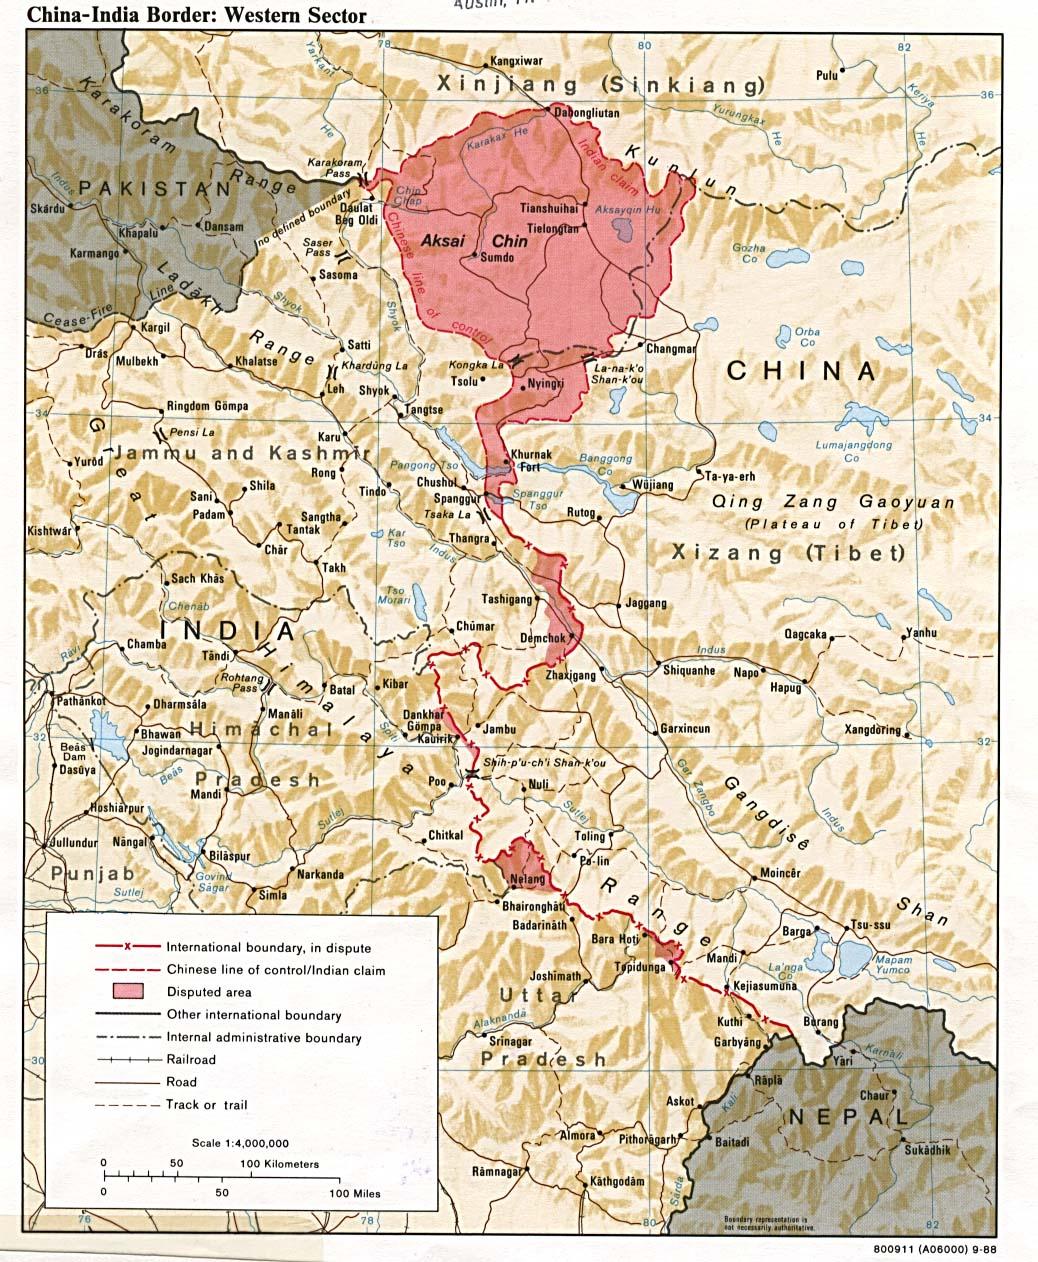 중국-인도의 국경분쟁